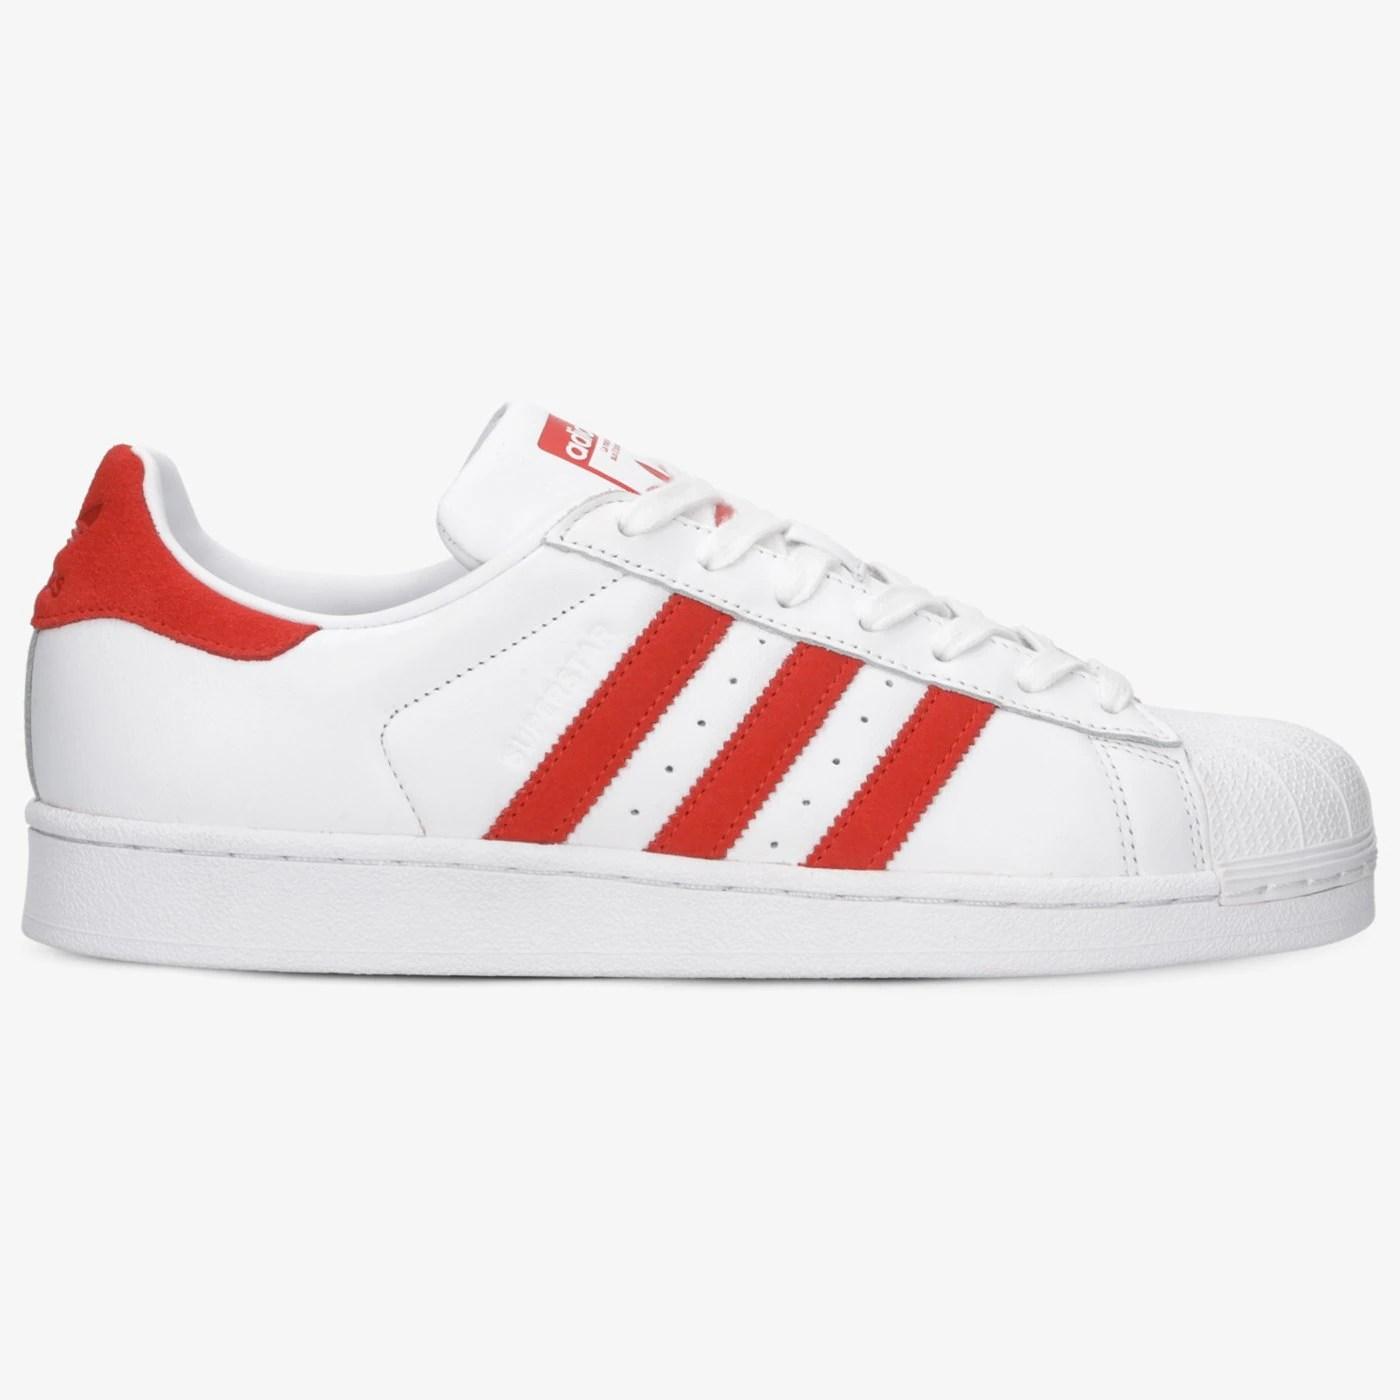 ADIDAS SUPERSTAR kolor biały (EF9237) - Męskie Sneakersy – GaleriaMarek.pl